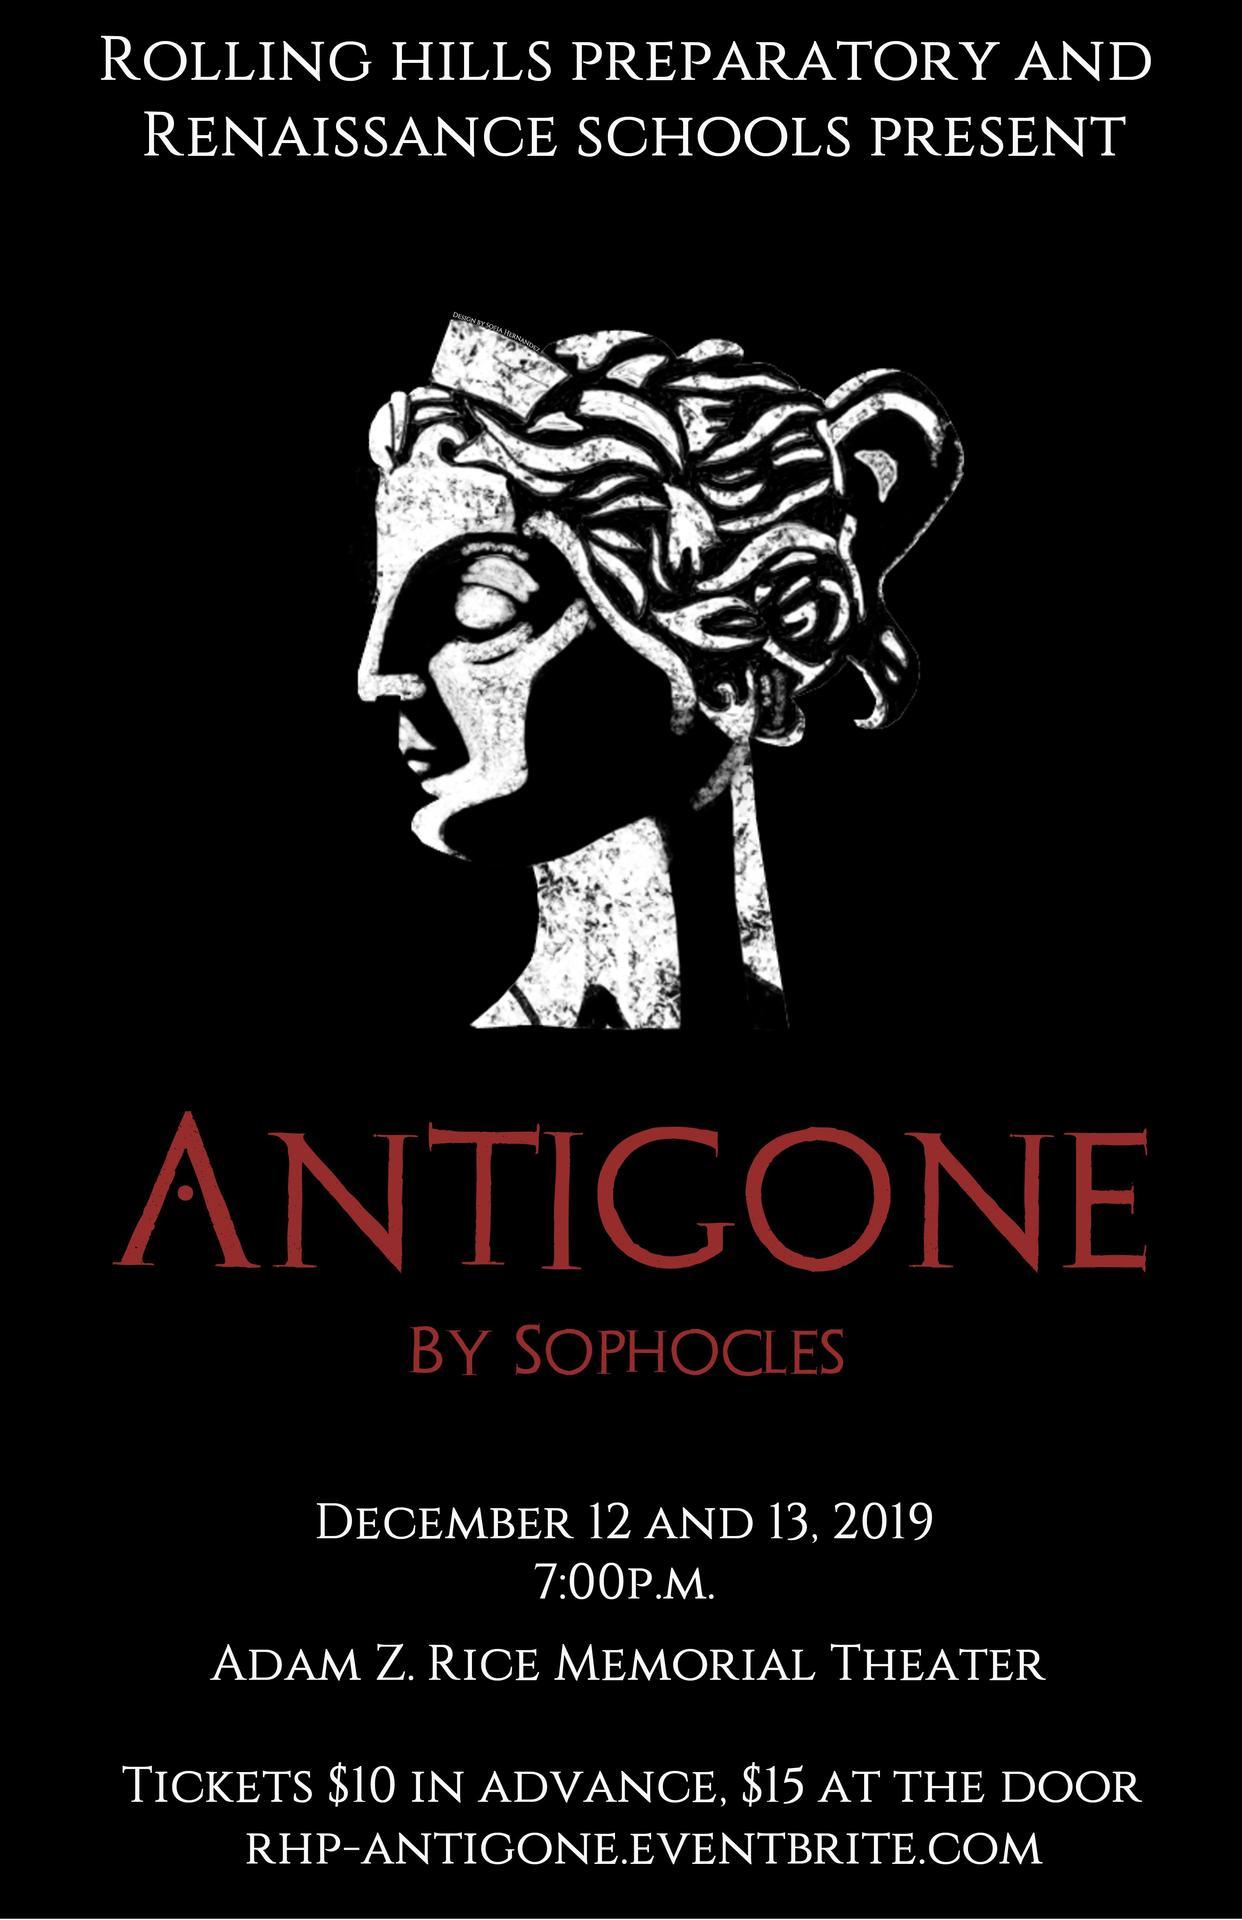 Antigone Poster by Sofia H.